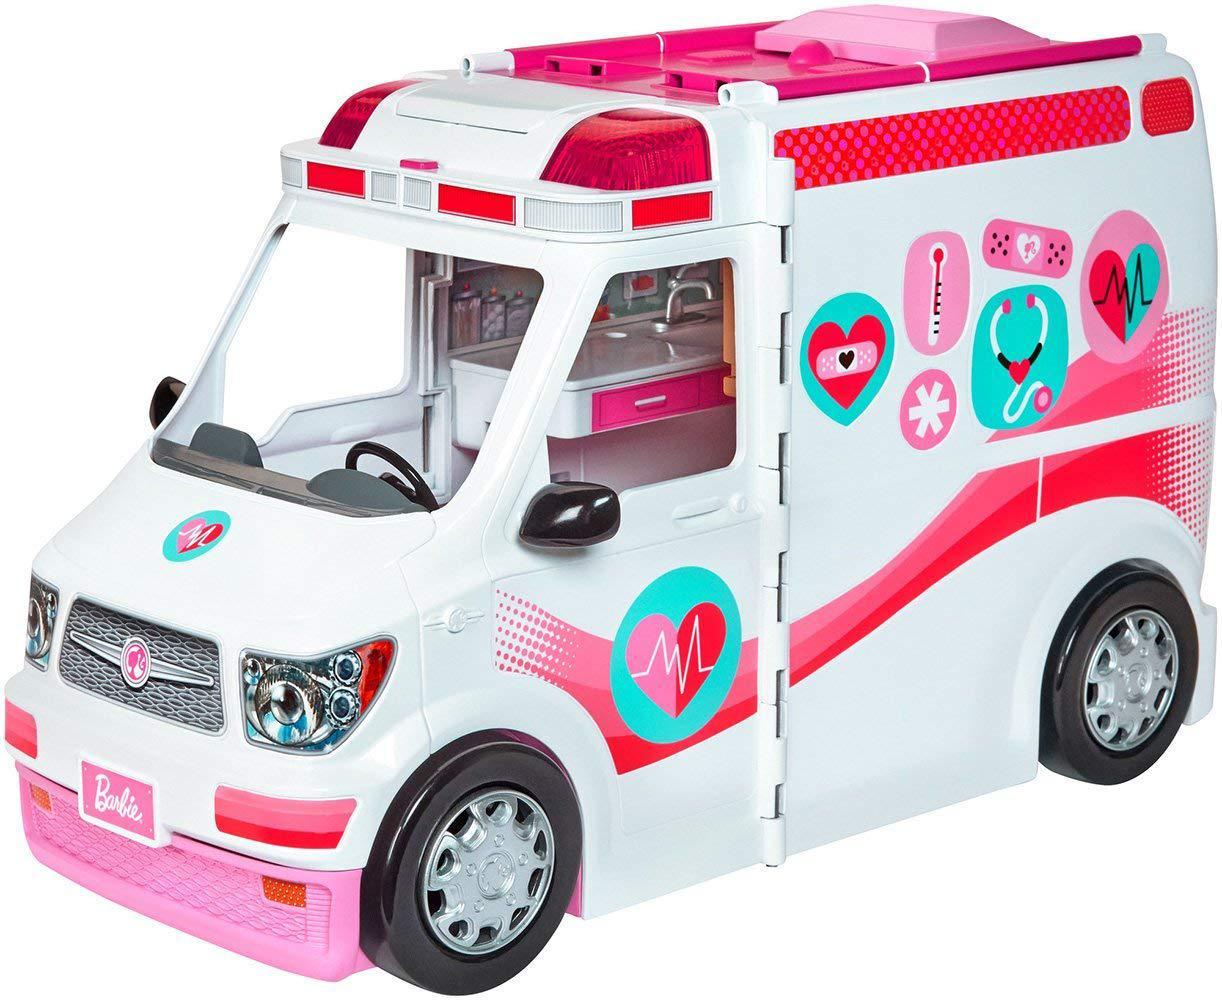 Набор Барби Машина скорой помощи Barbie Care Clinic Ambulance